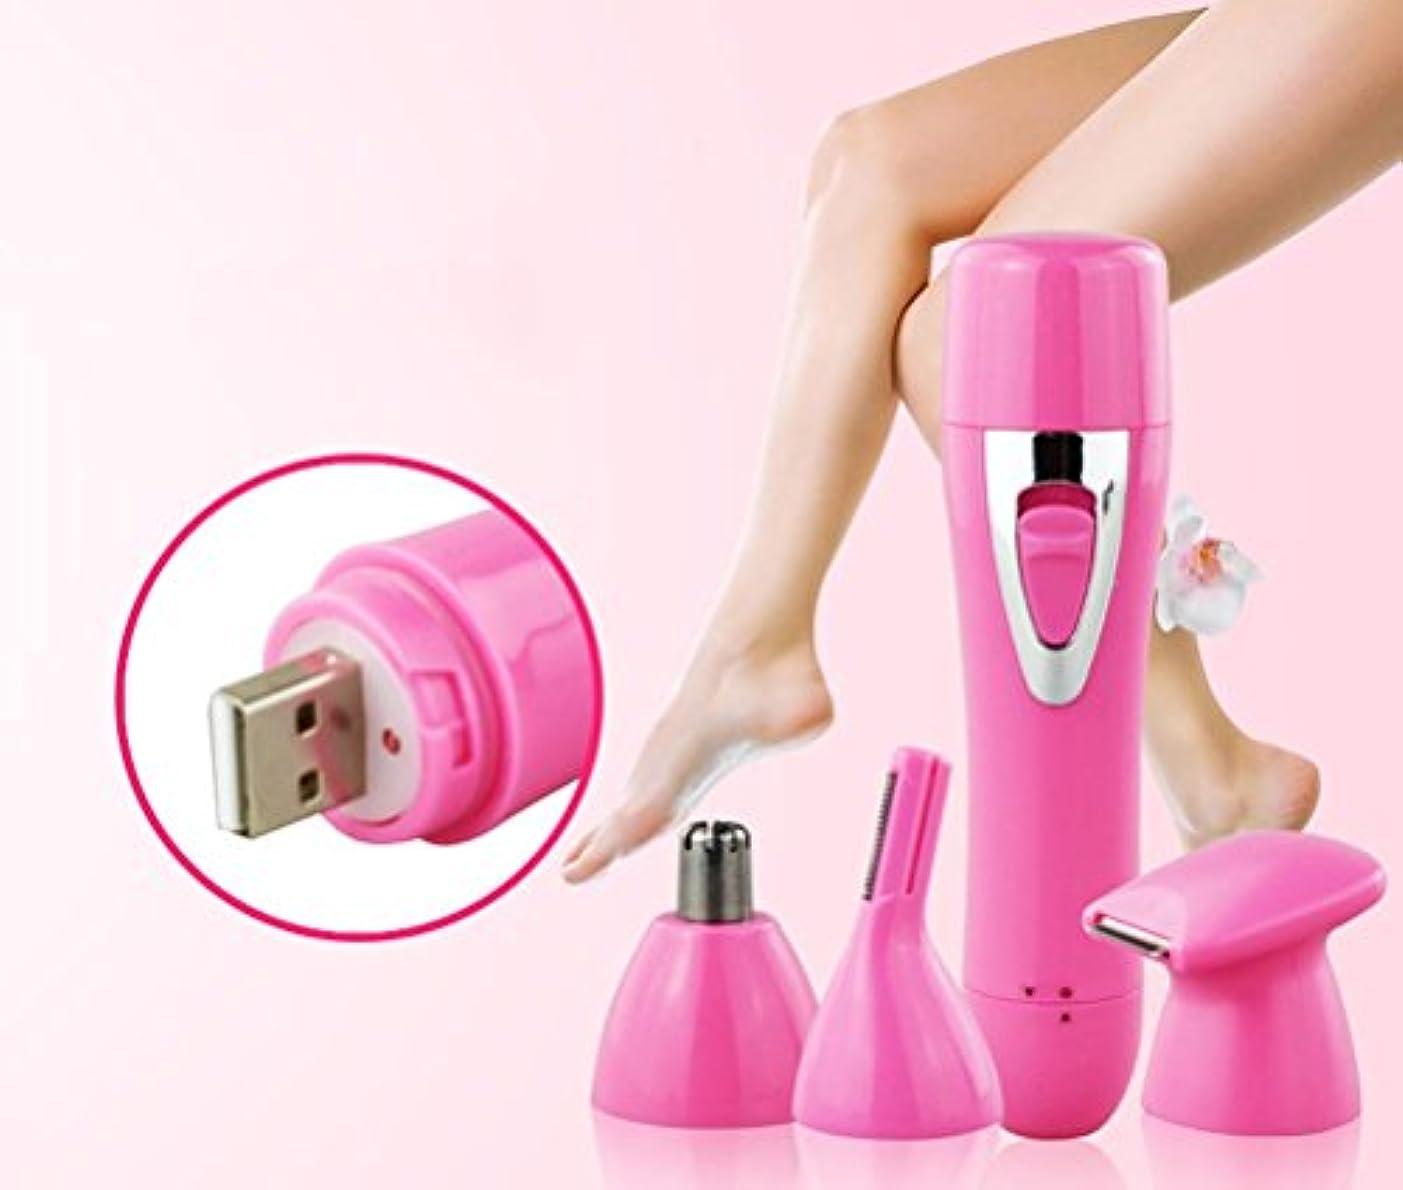 外側費やすしばしばQAZSEヘアーリムーバー/痛みを伴う顔面脱毛/鼻&眉ビキニトリマー/充電式USBケーブル&電気シェーバー,Pink